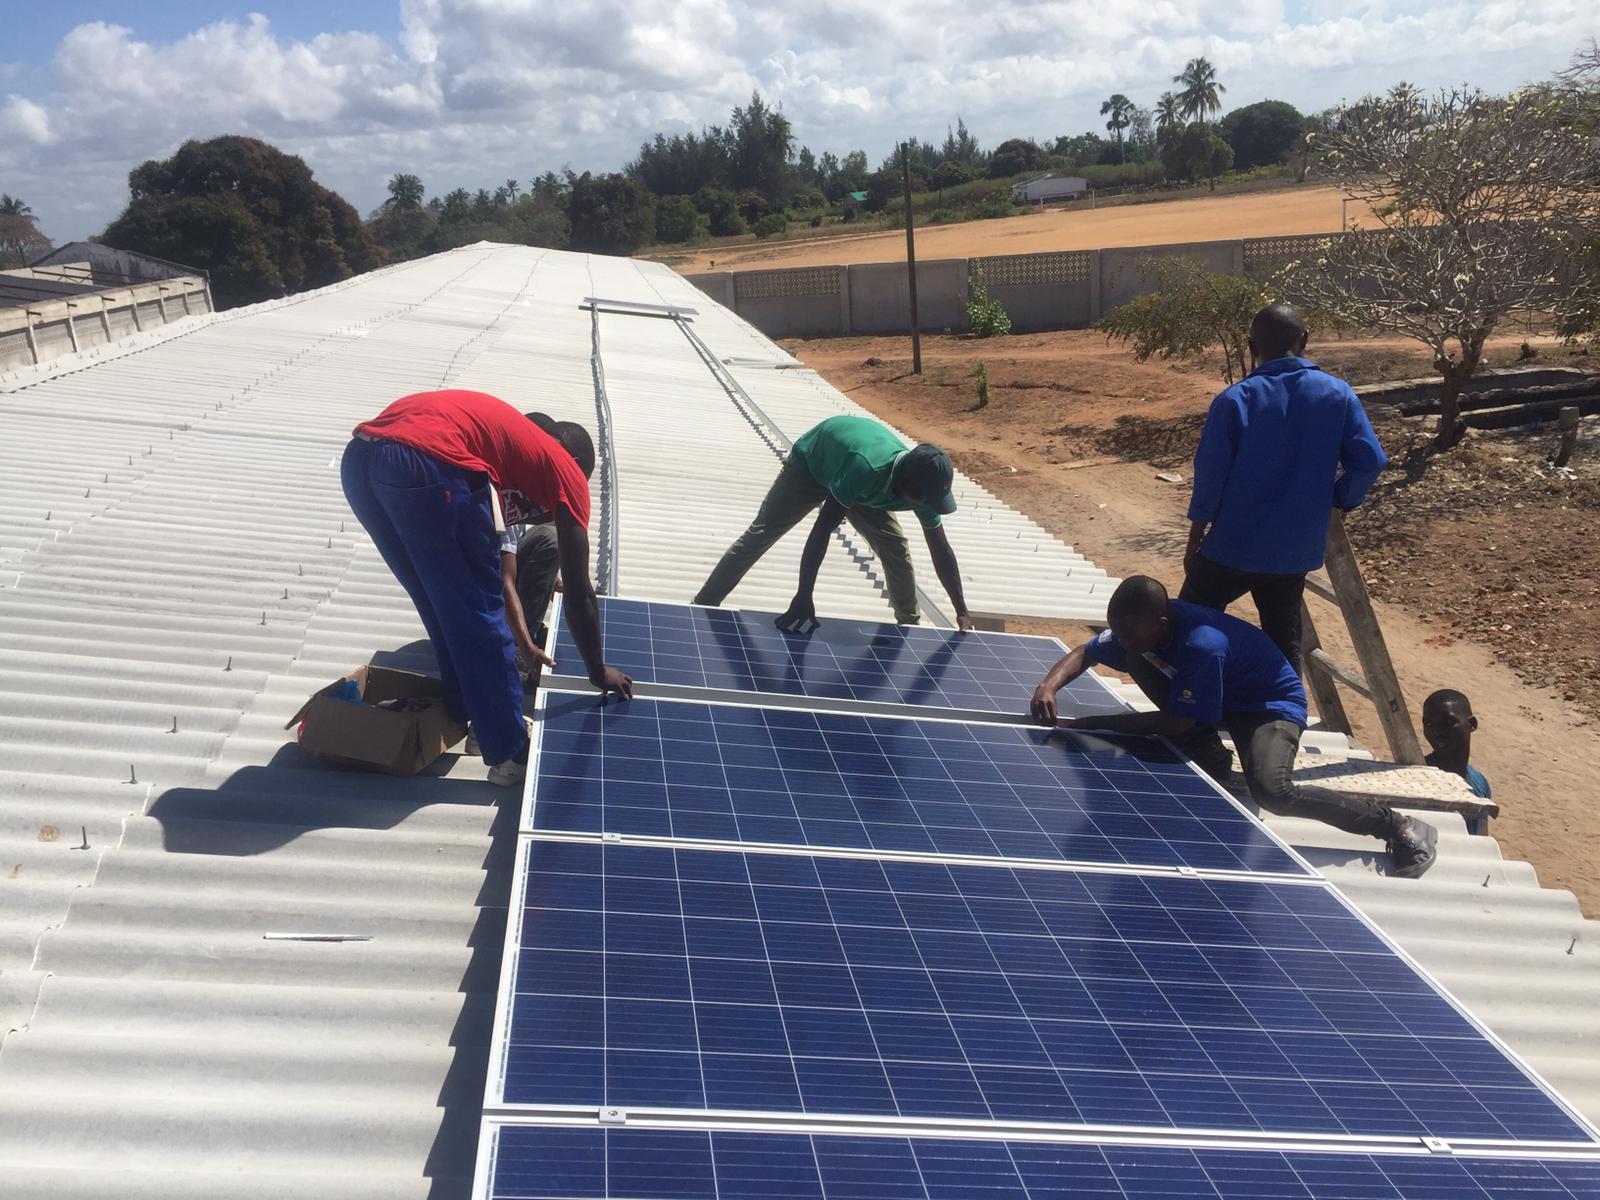 Dotación de energía renovable y otros servicios para una educación de calidad en la escuela de hoteleria y turismo de Lumbo